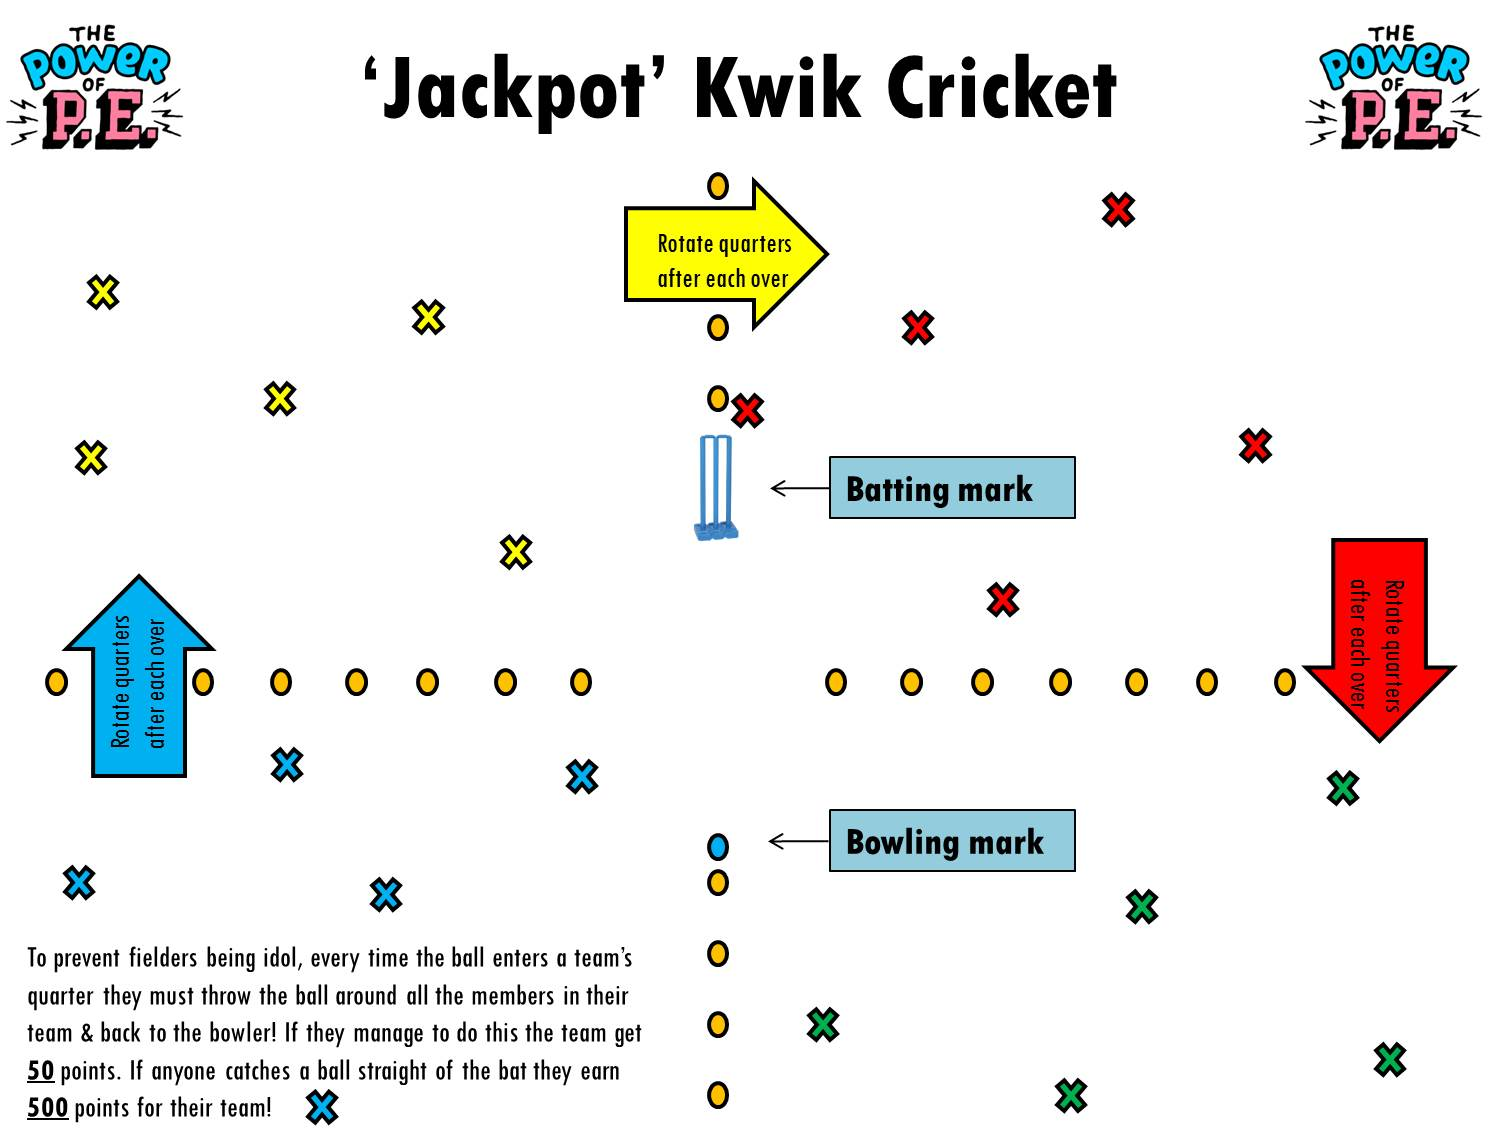 Jackpot 'Kwik Cricket'